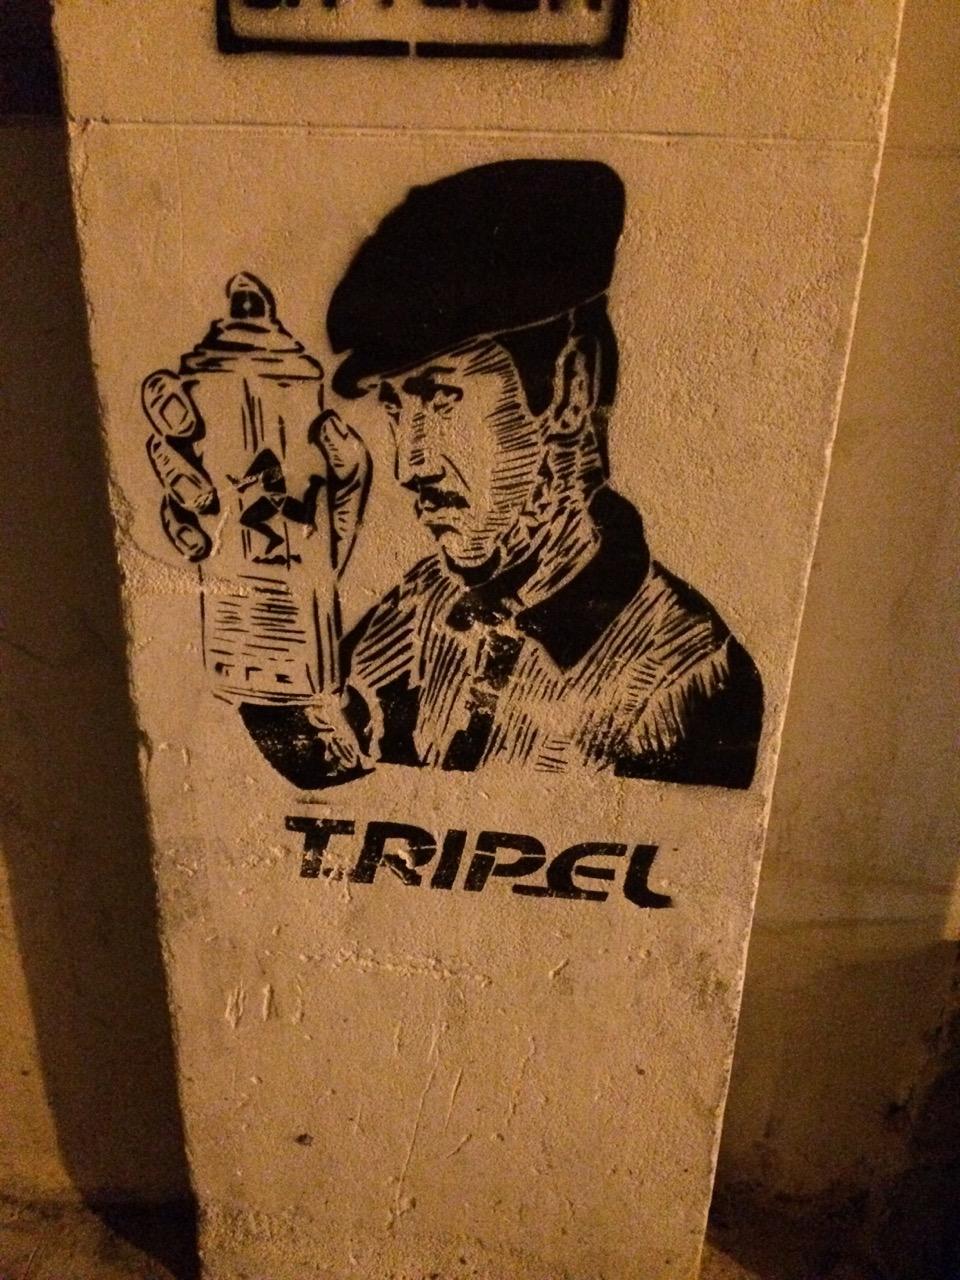 Infamous mafioso by Tripel